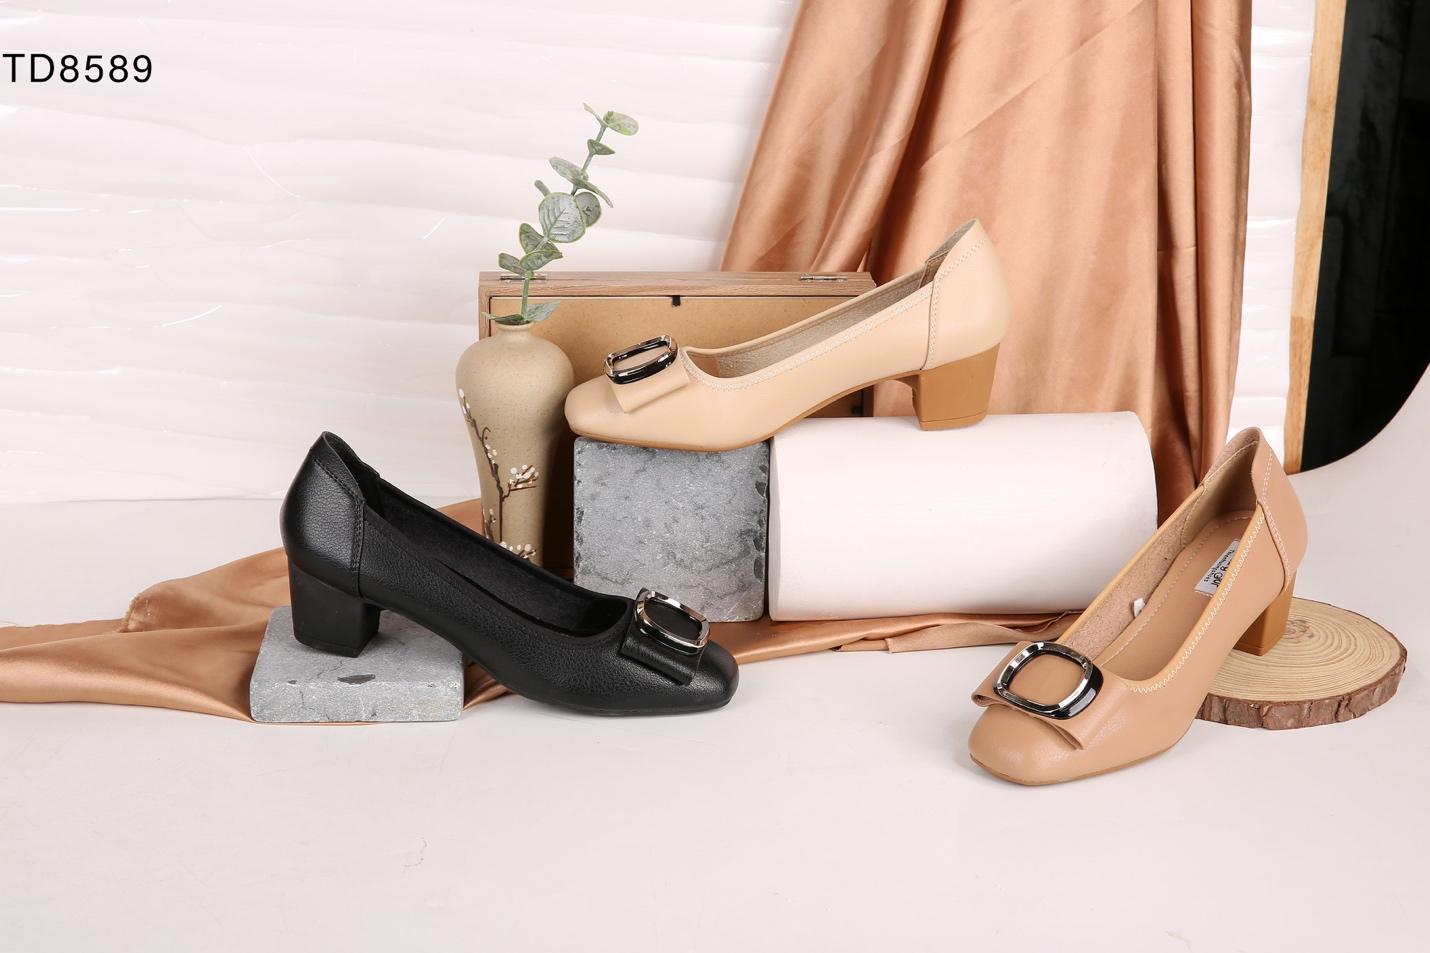 Một số mẫu giày dép nổi bật tại Thiên Hương